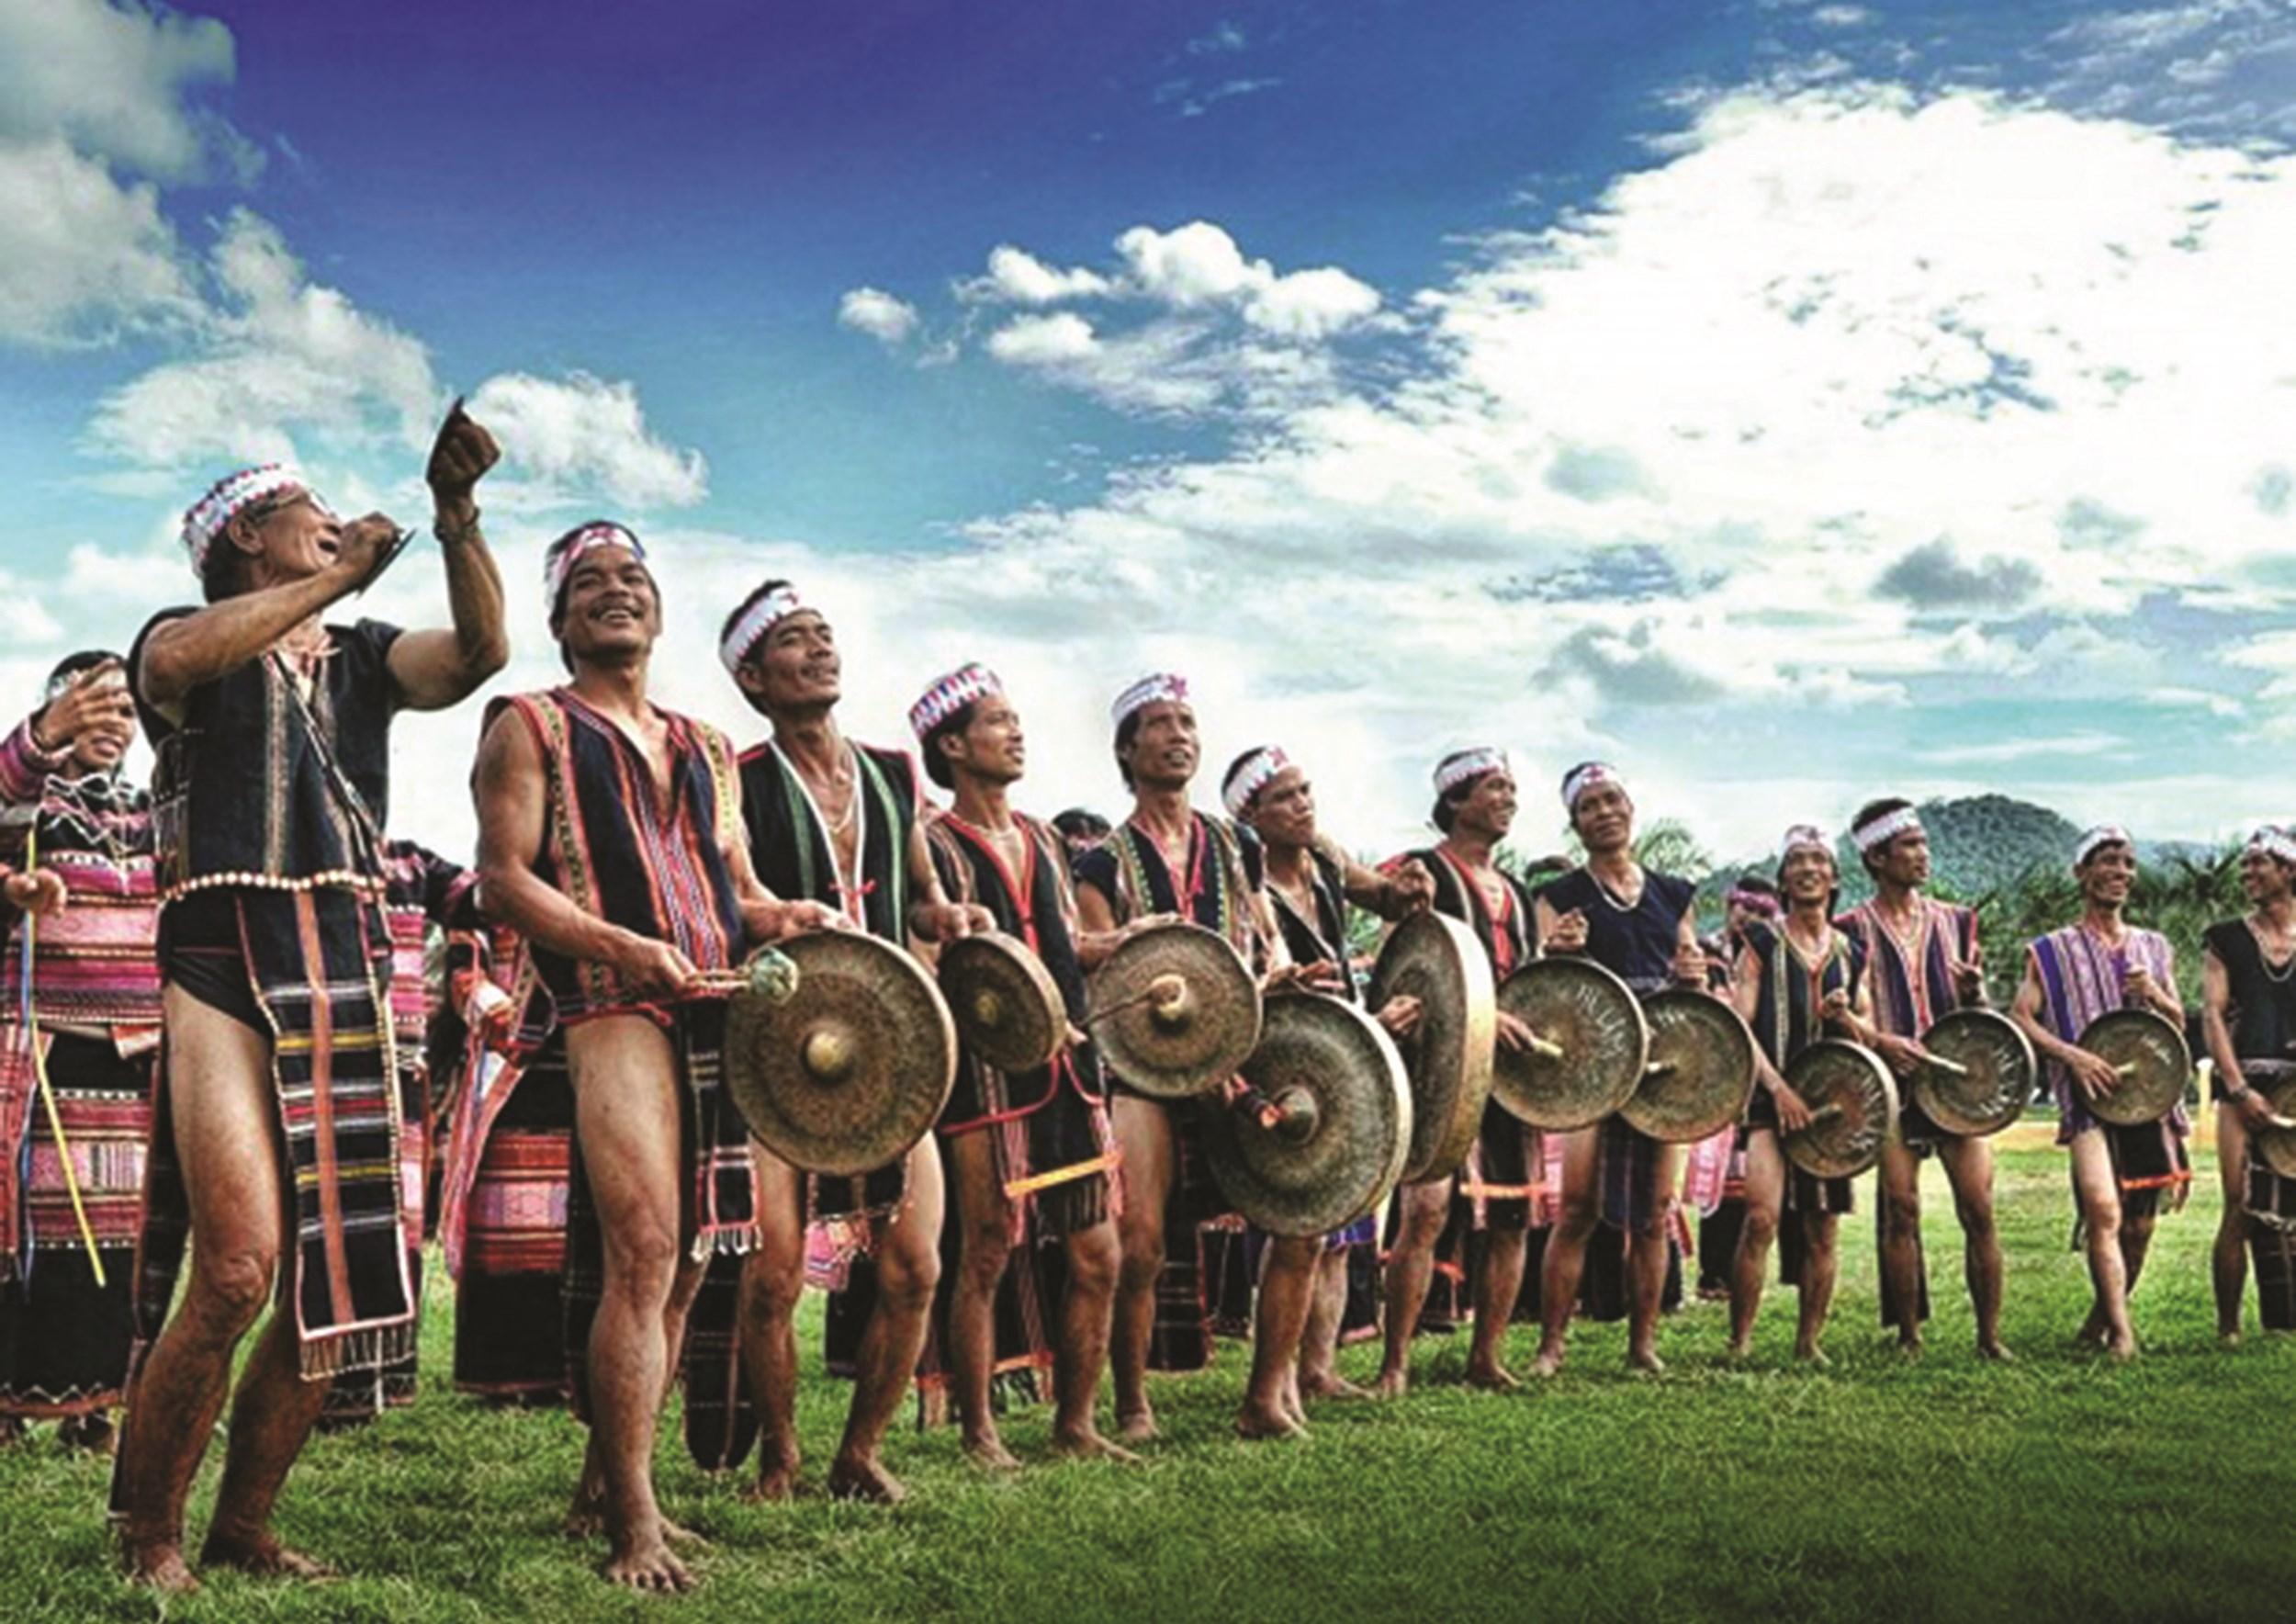 Những buổi sinh hoạt văn hóa cộng đồng của đồng bào Tây Nguyên là chất liệu để nhà văn Y Điêng đưa vào tác phẩm. (Ảnh TL)